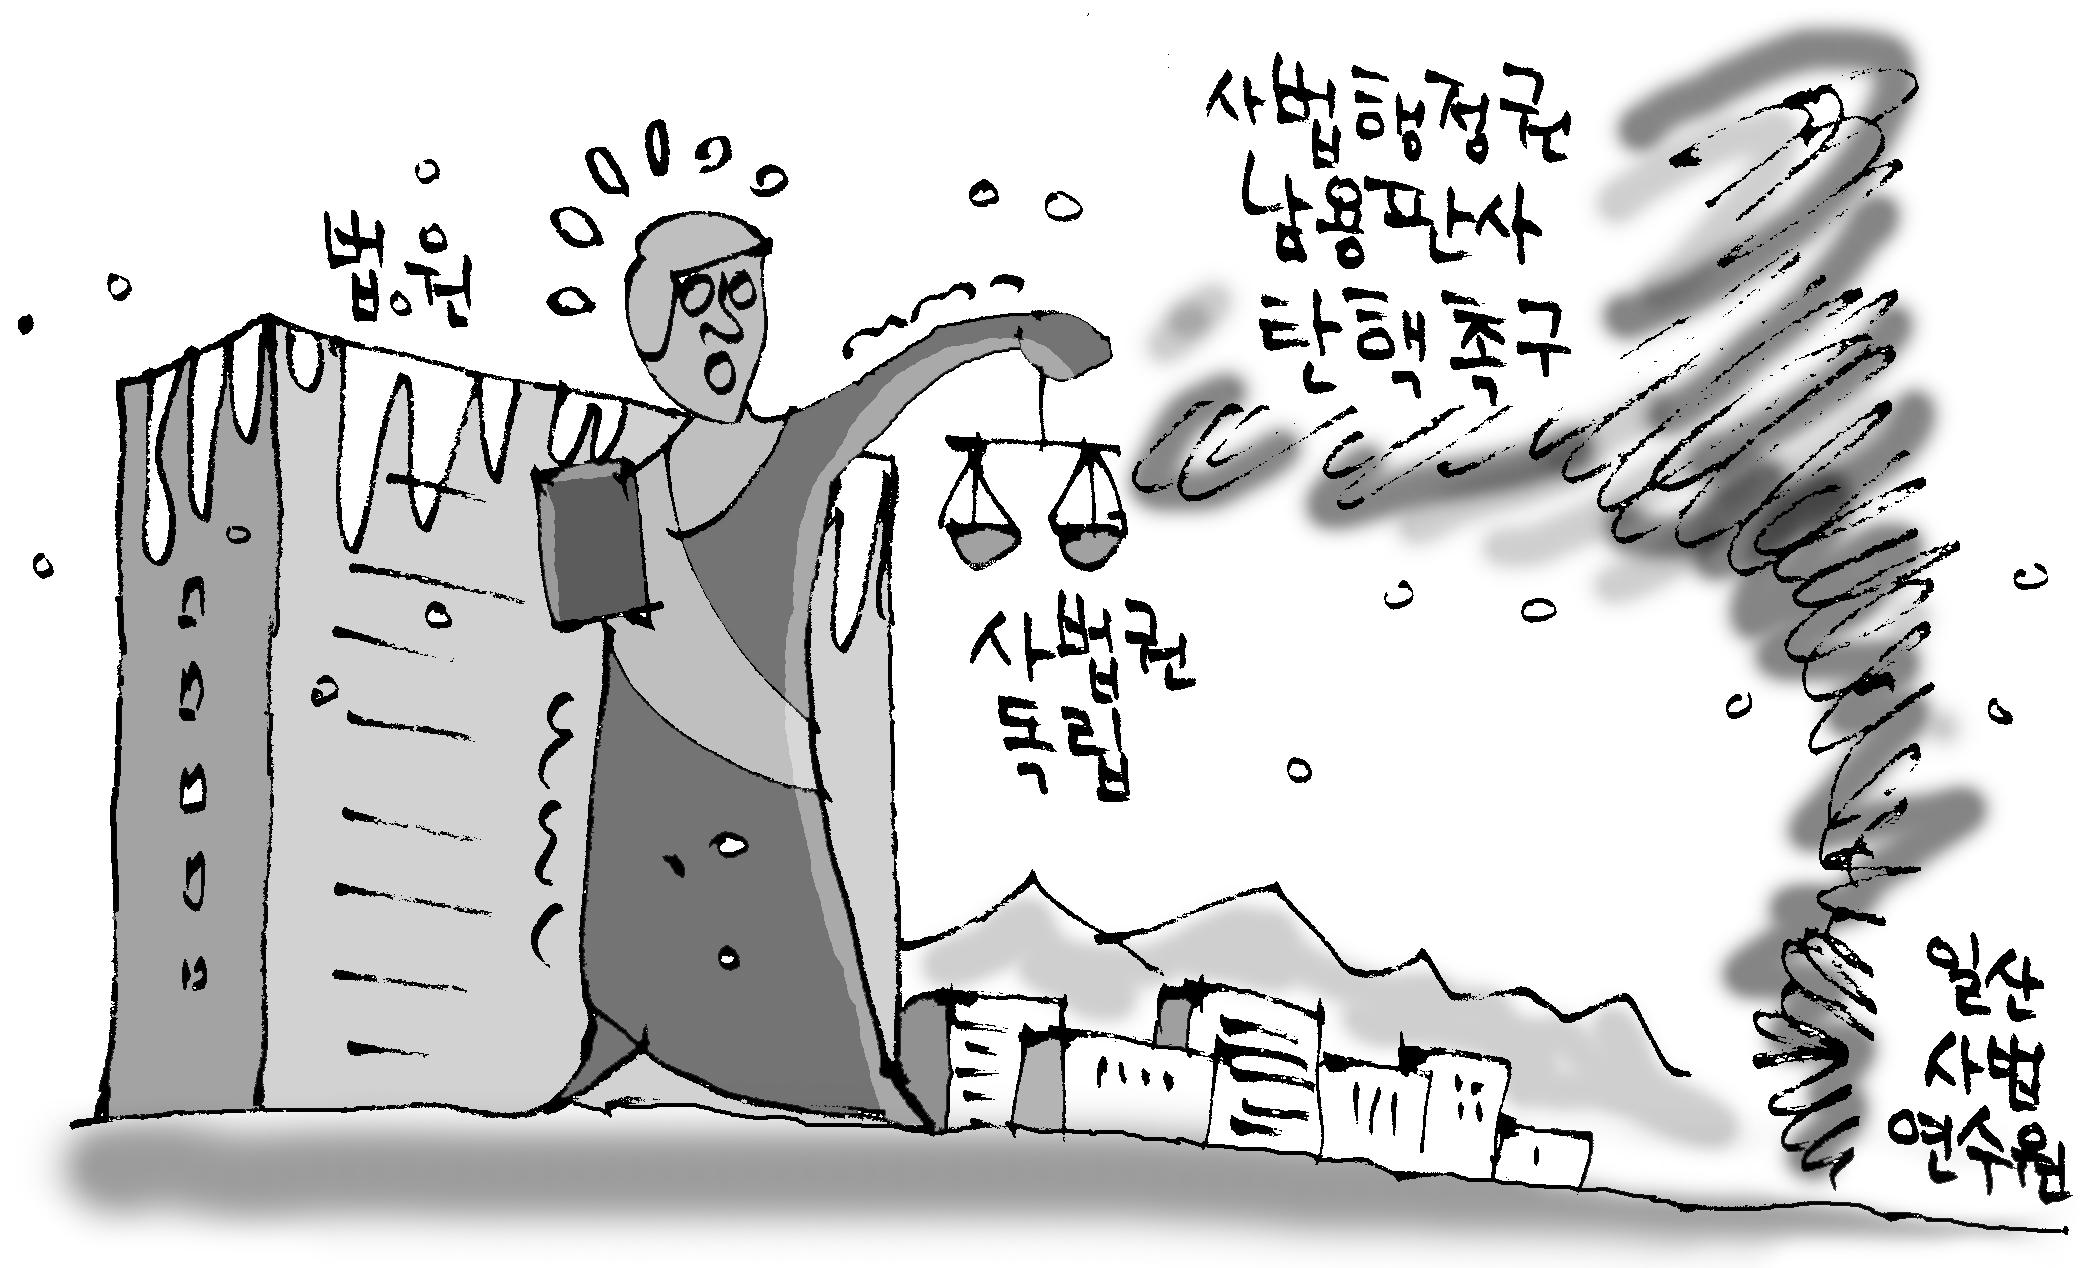 '사법행정권 남용' 사태 검찰이어 정치권까지 개입 우려